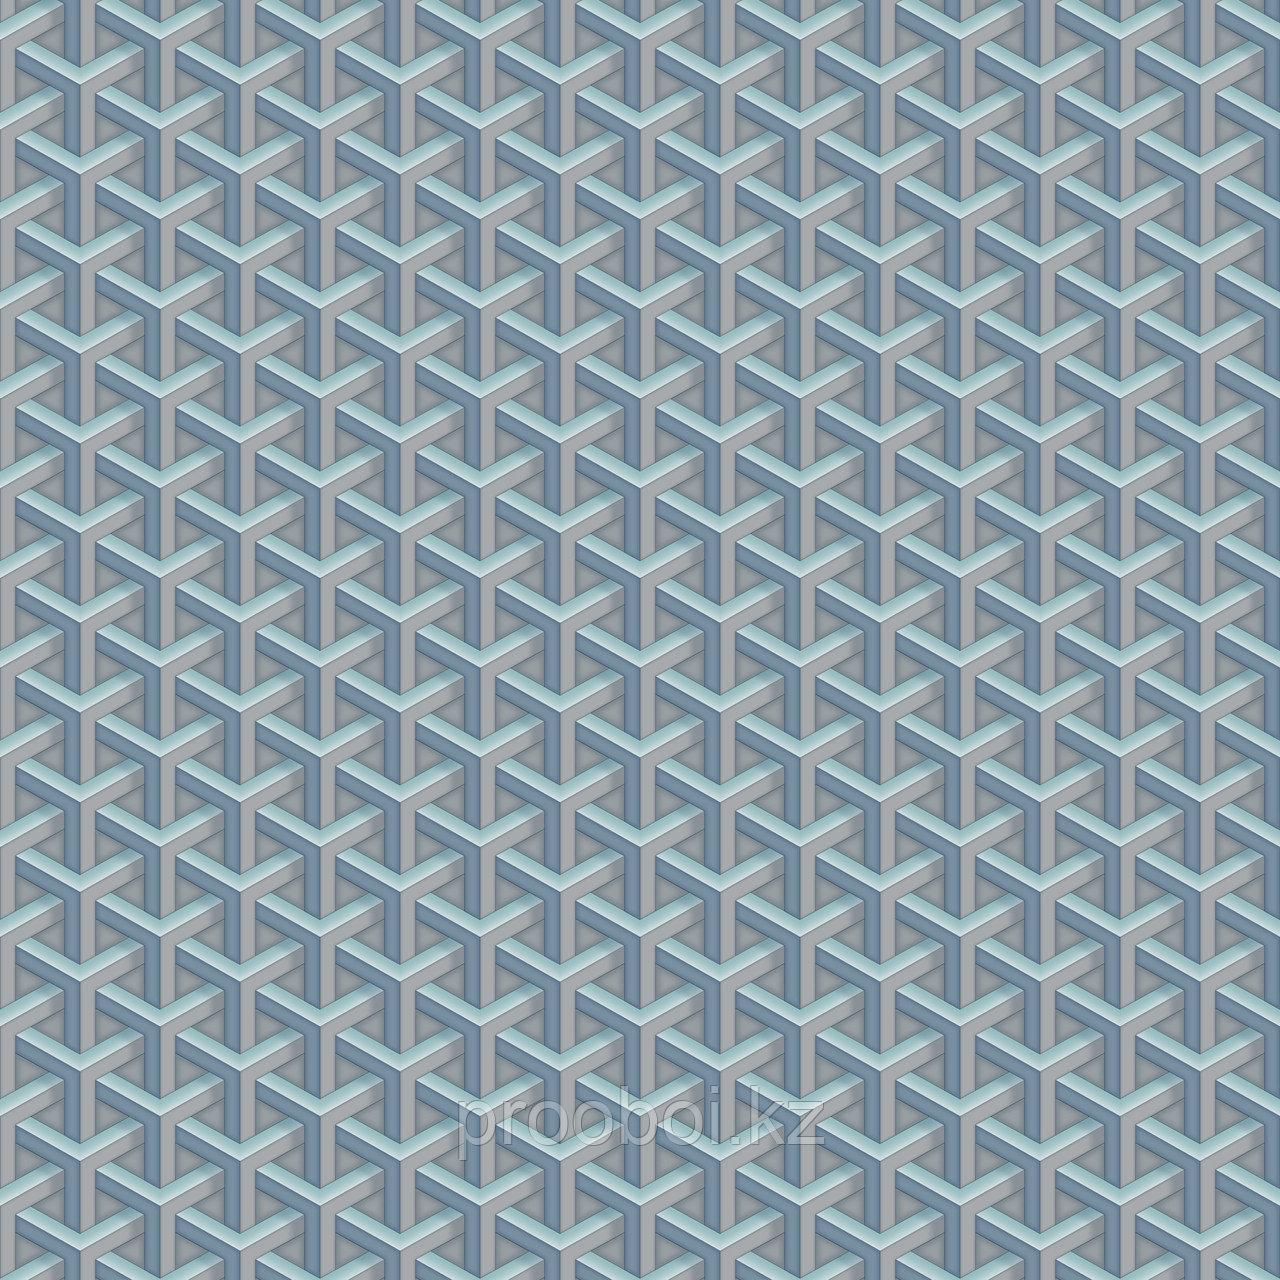 Виниловые обои (метровые) Matrix 54325-3